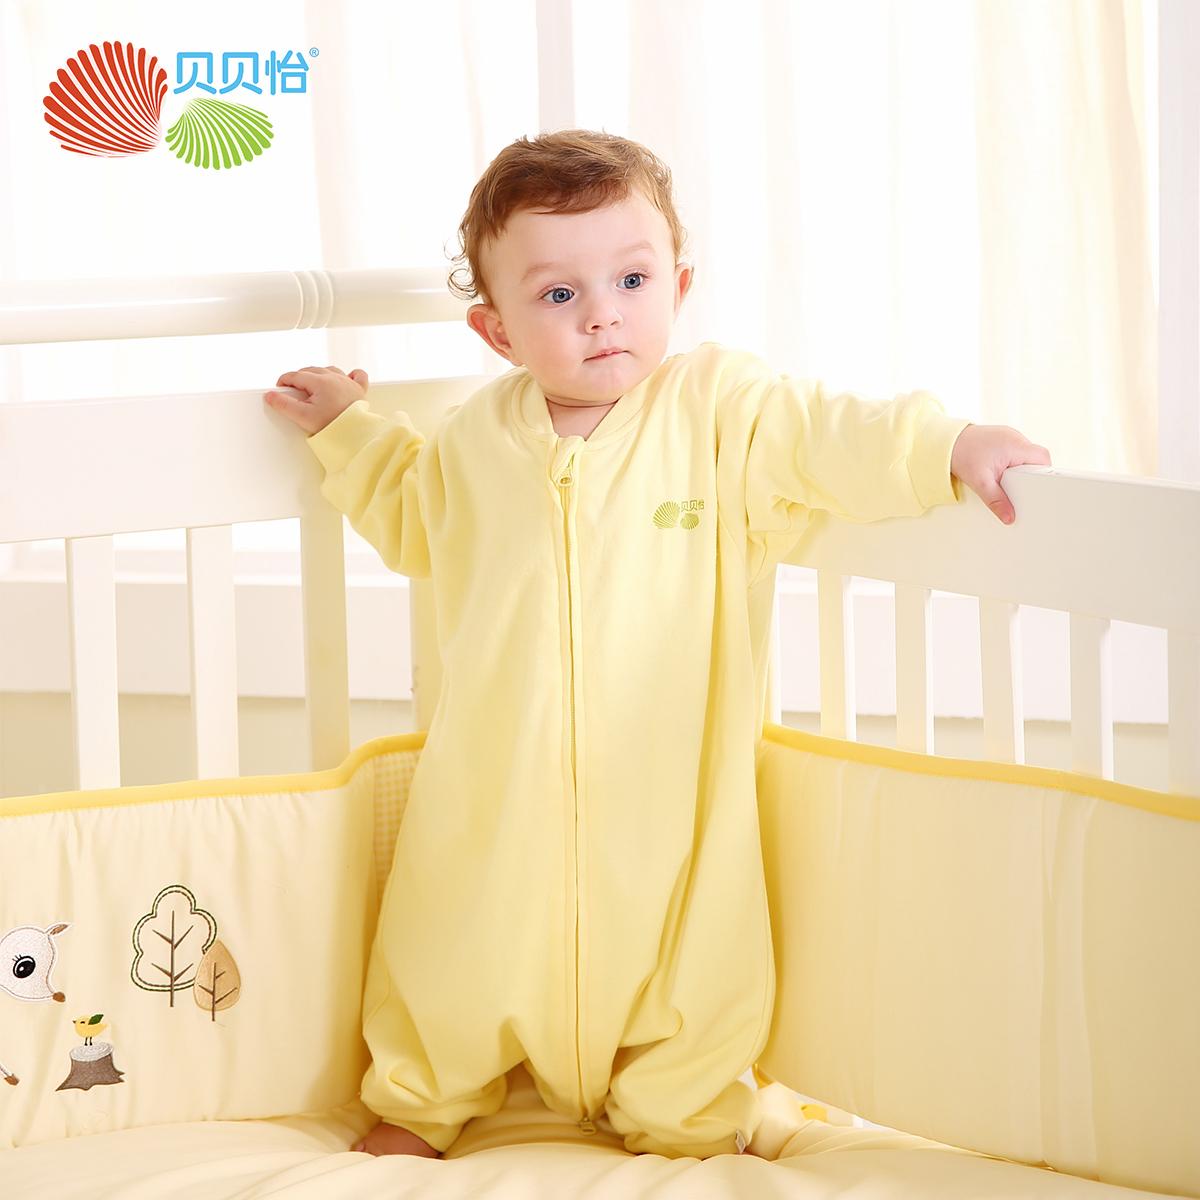 贝贝怡新生儿用品婴儿睡袋秋季款宝宝防踢被分腿长袖 9025